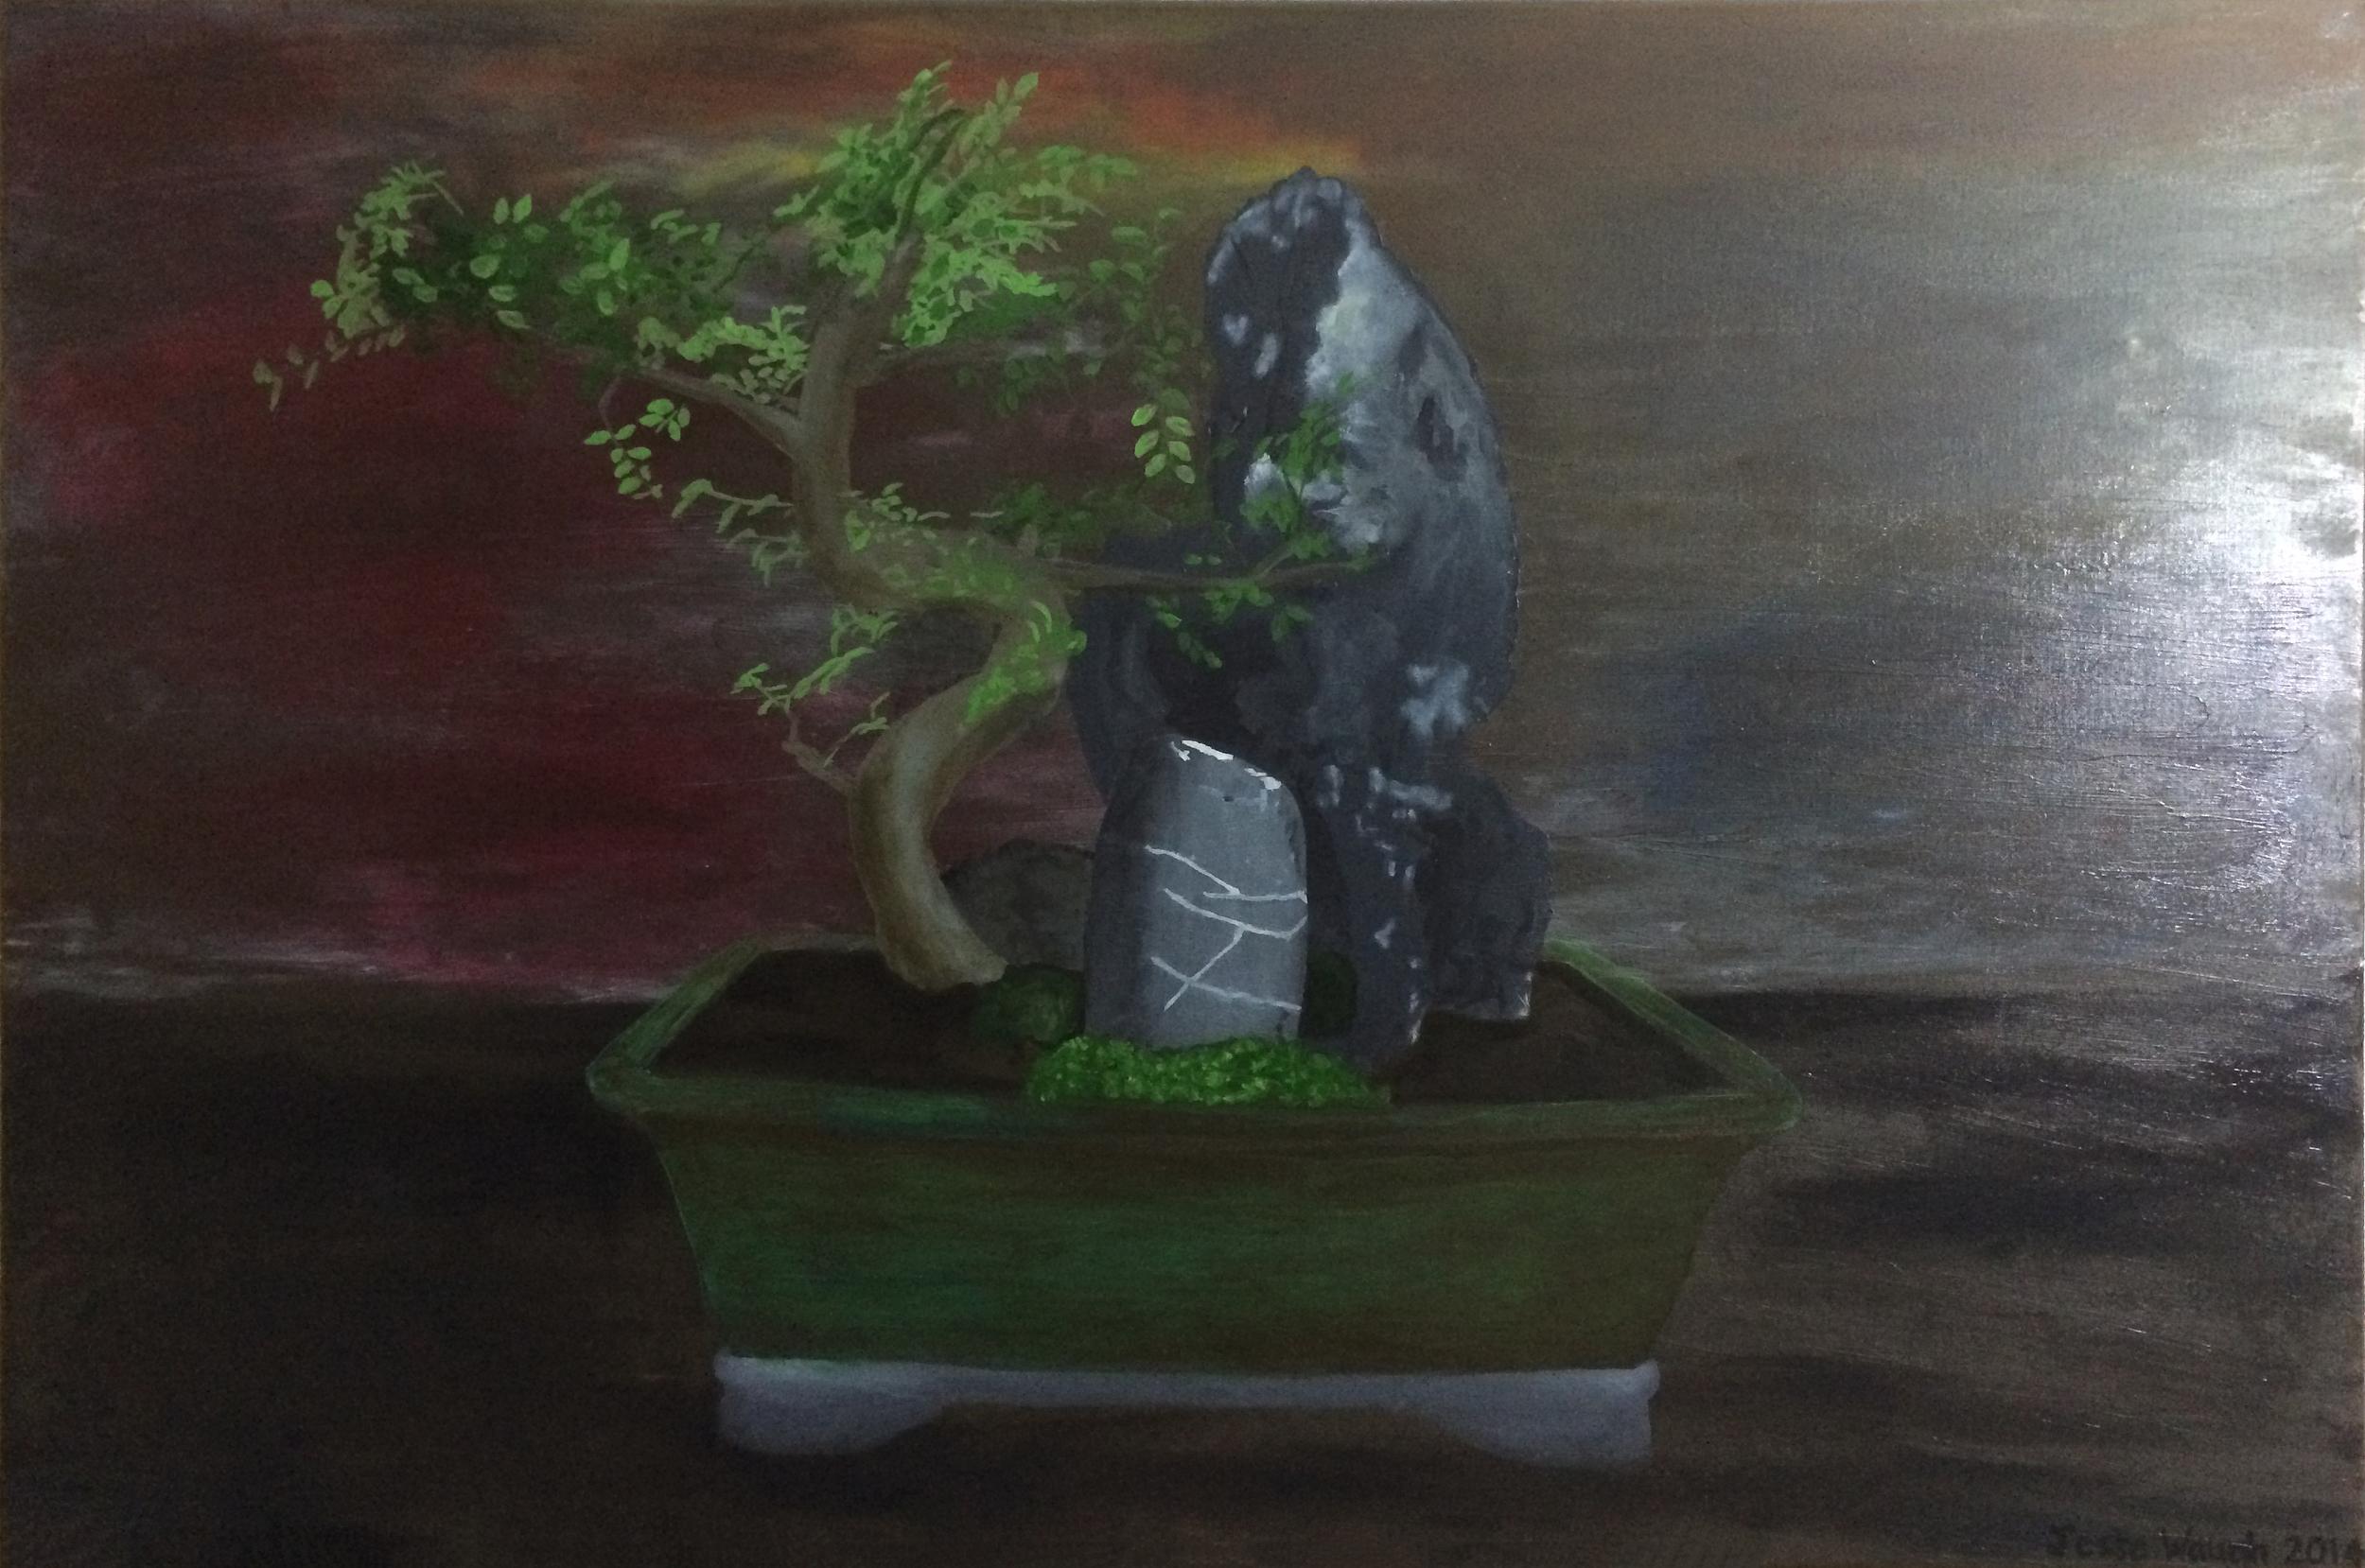 Center-Bonsai-oil-painting-JESSE-WAUGH-jessewaugh.com